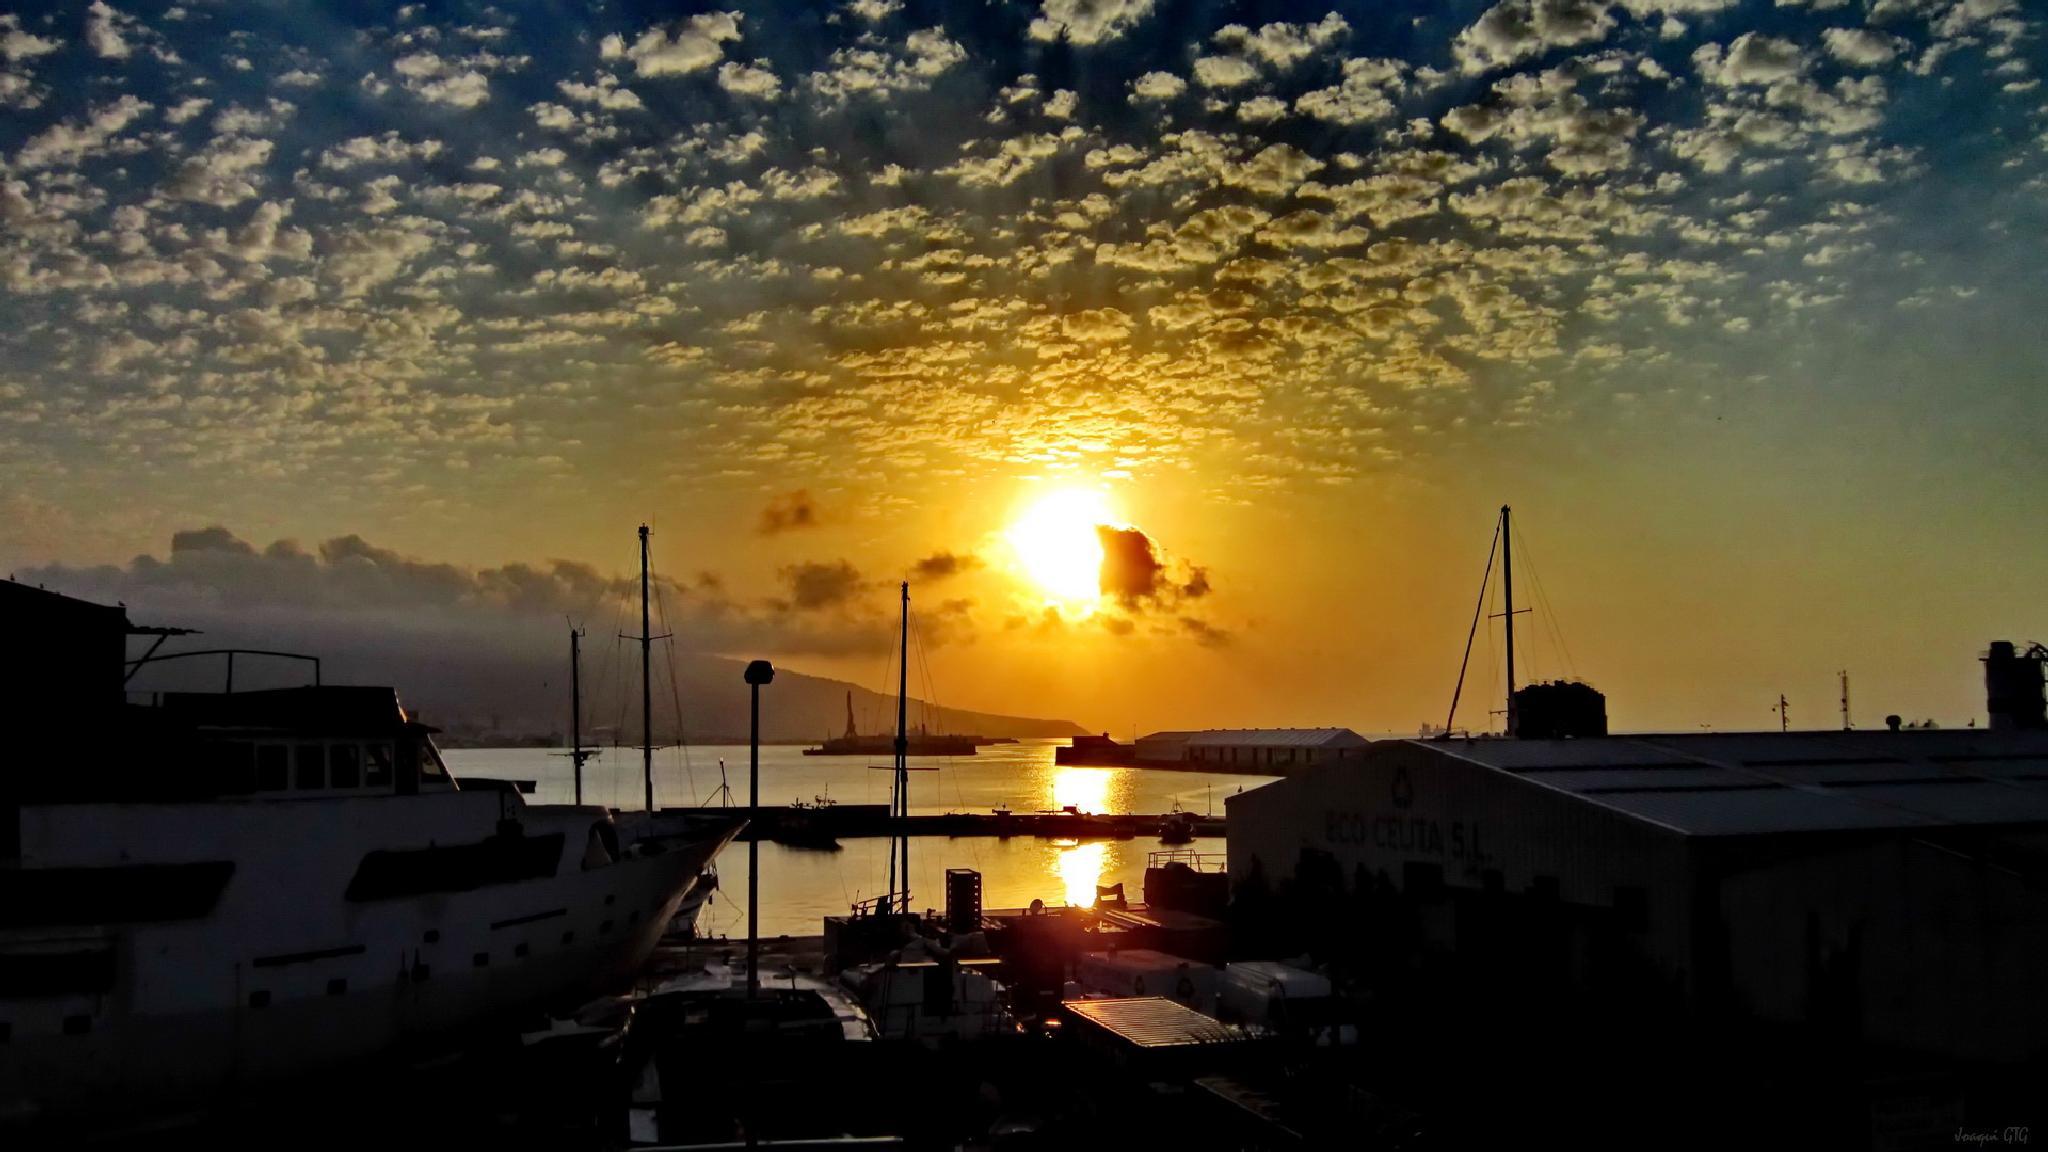 Como un cielo de verano sobre el mar by Joaqui GT